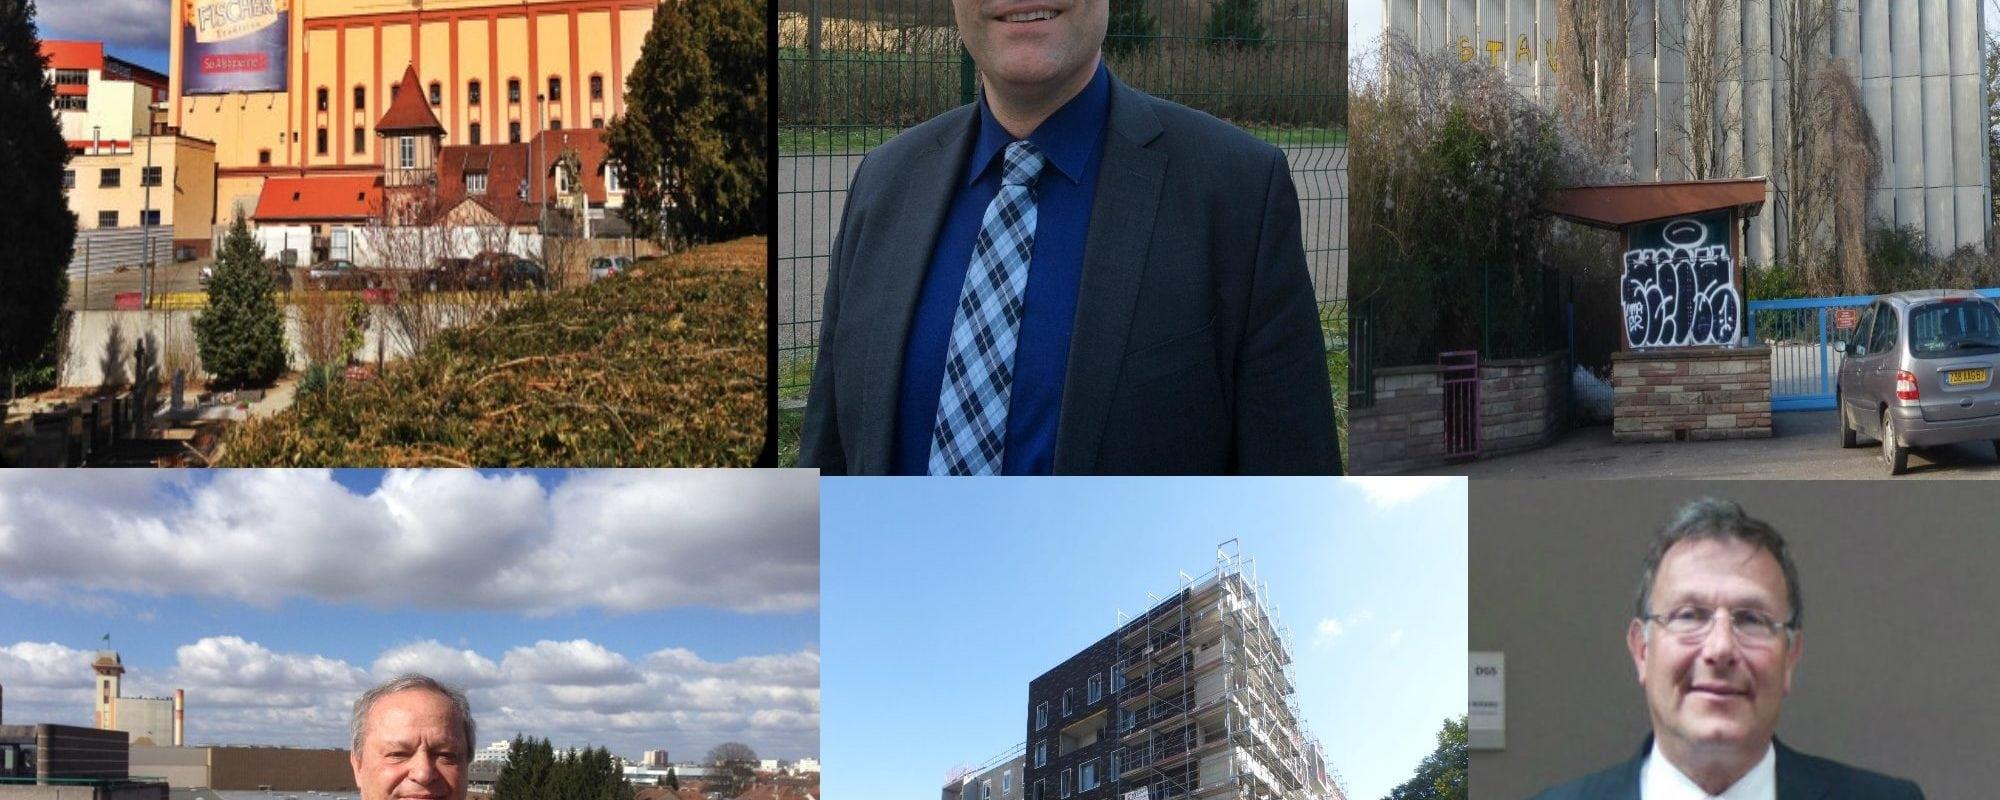 À Schiltigheim, une crise au sein de la majorité provoque de nouvelles élections